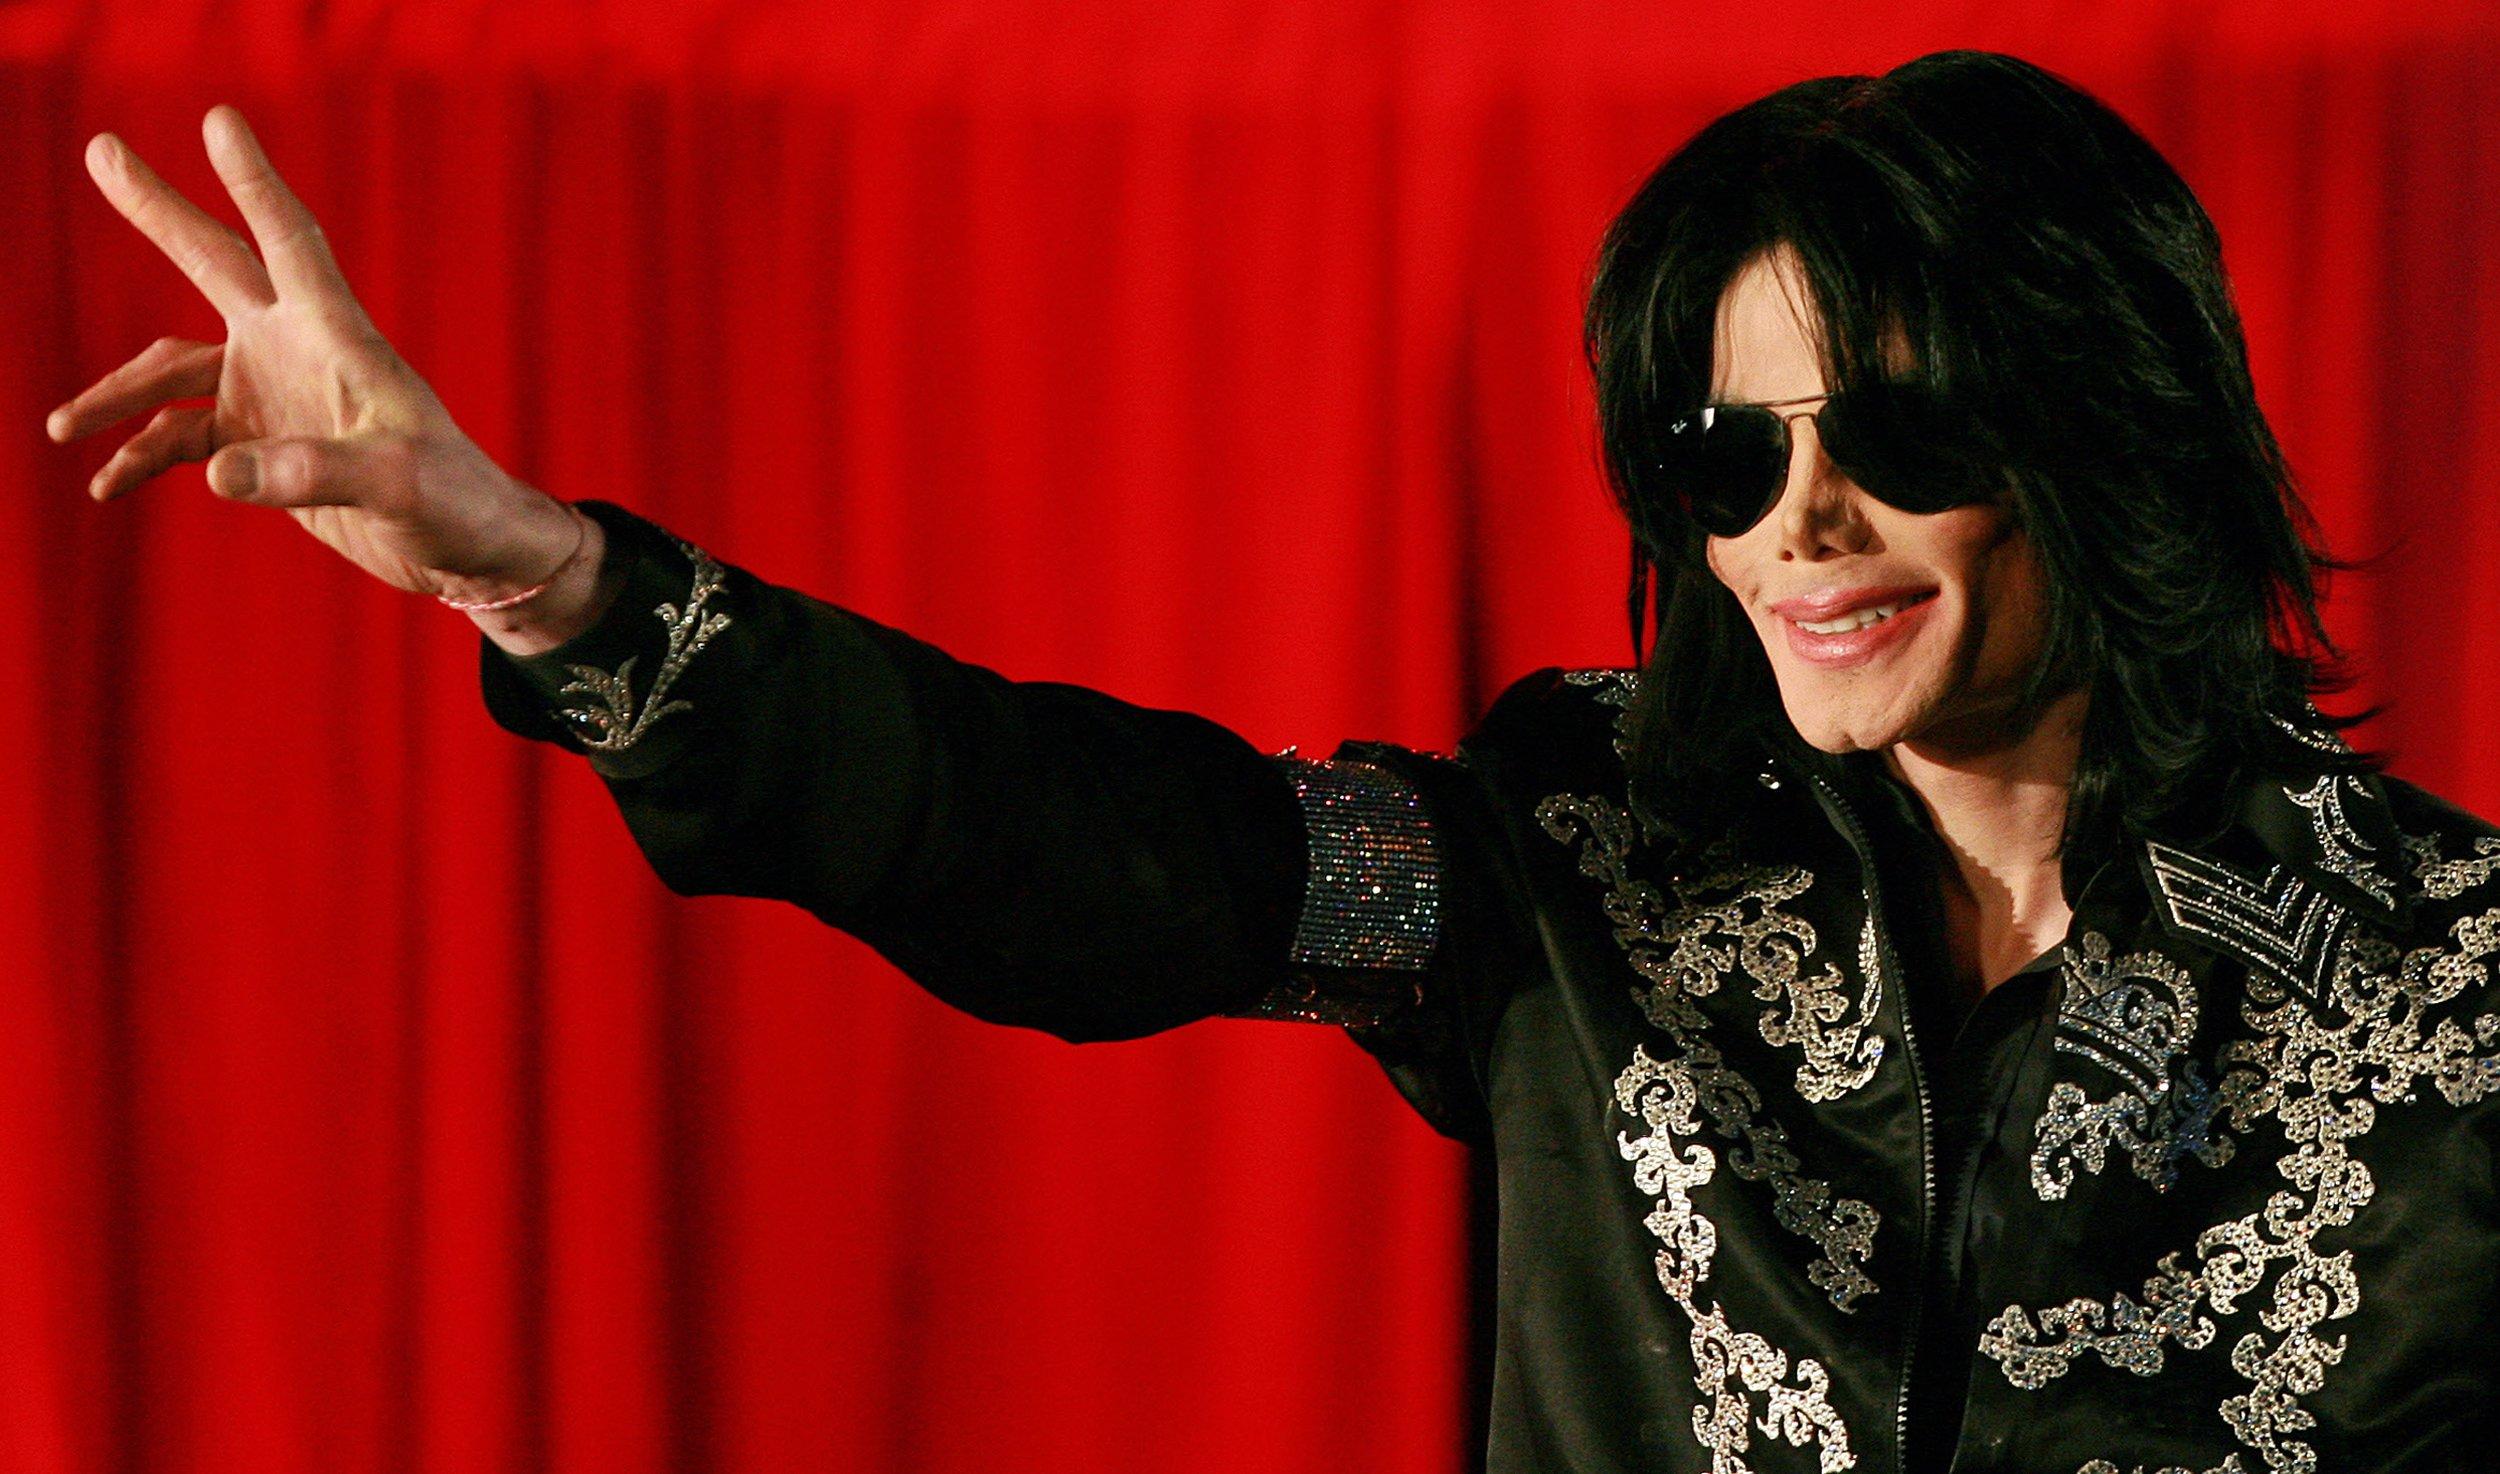 Král popu Michael Jackson v roce 2009